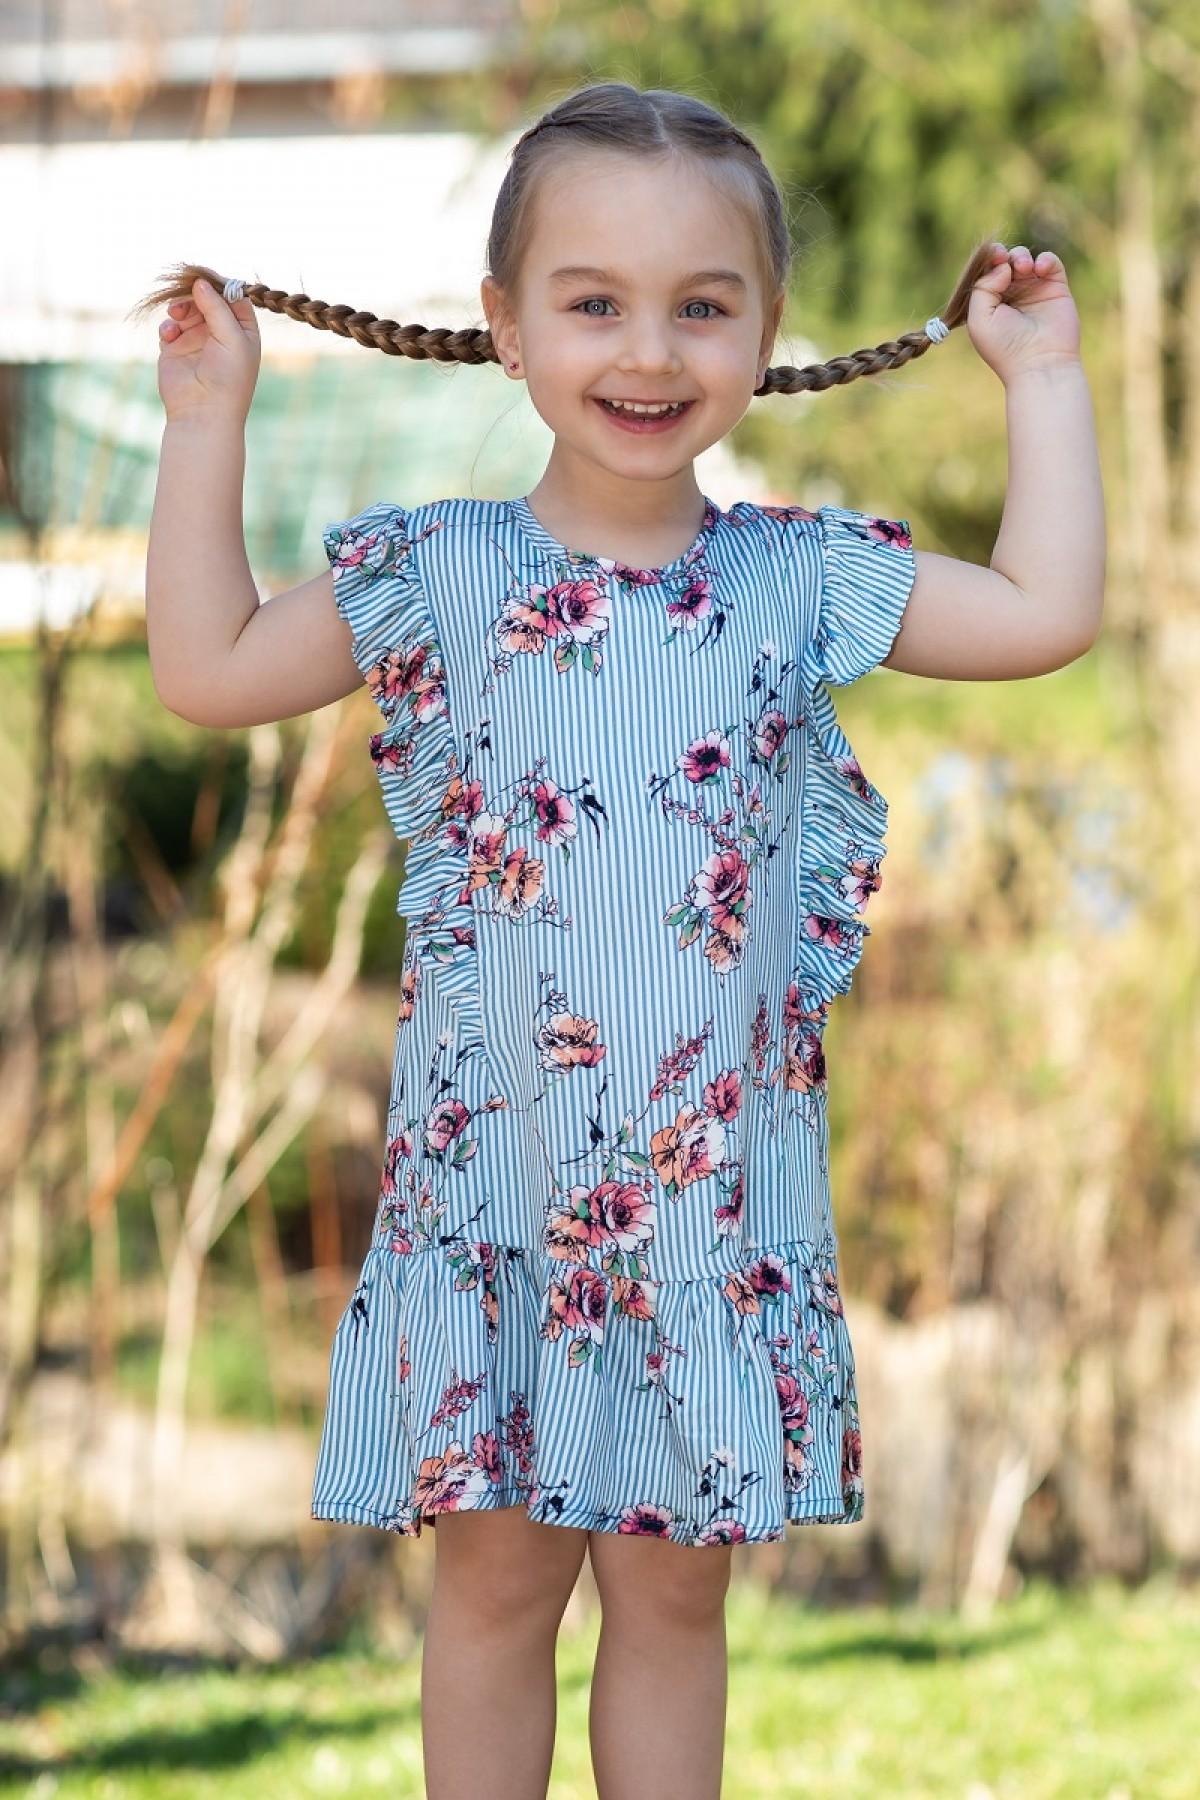 Viskosekleid Streifen piapaul. Mädchenkleid ärmellos   blau/weiß